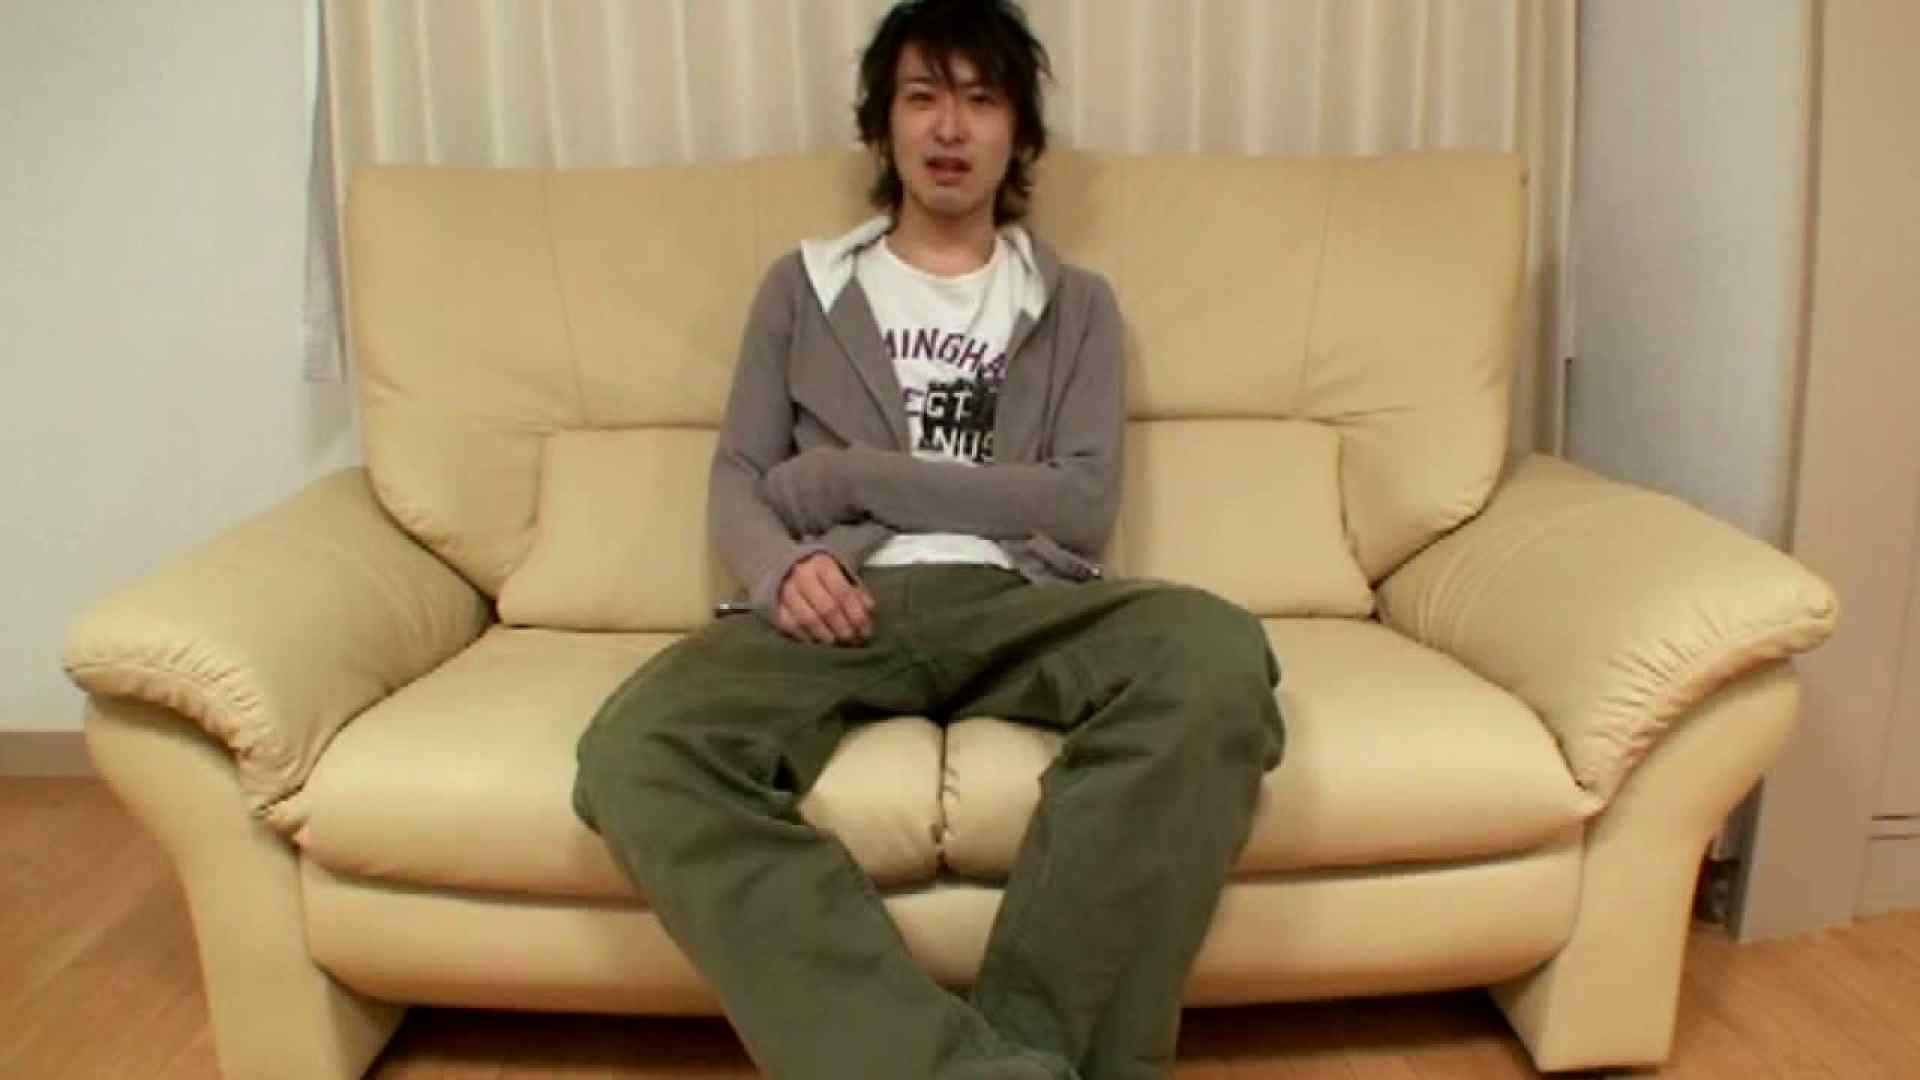 ノンケ!自慰スタジオ No.21 イケメンパラダイス ゲイアダルト画像 107pic 44